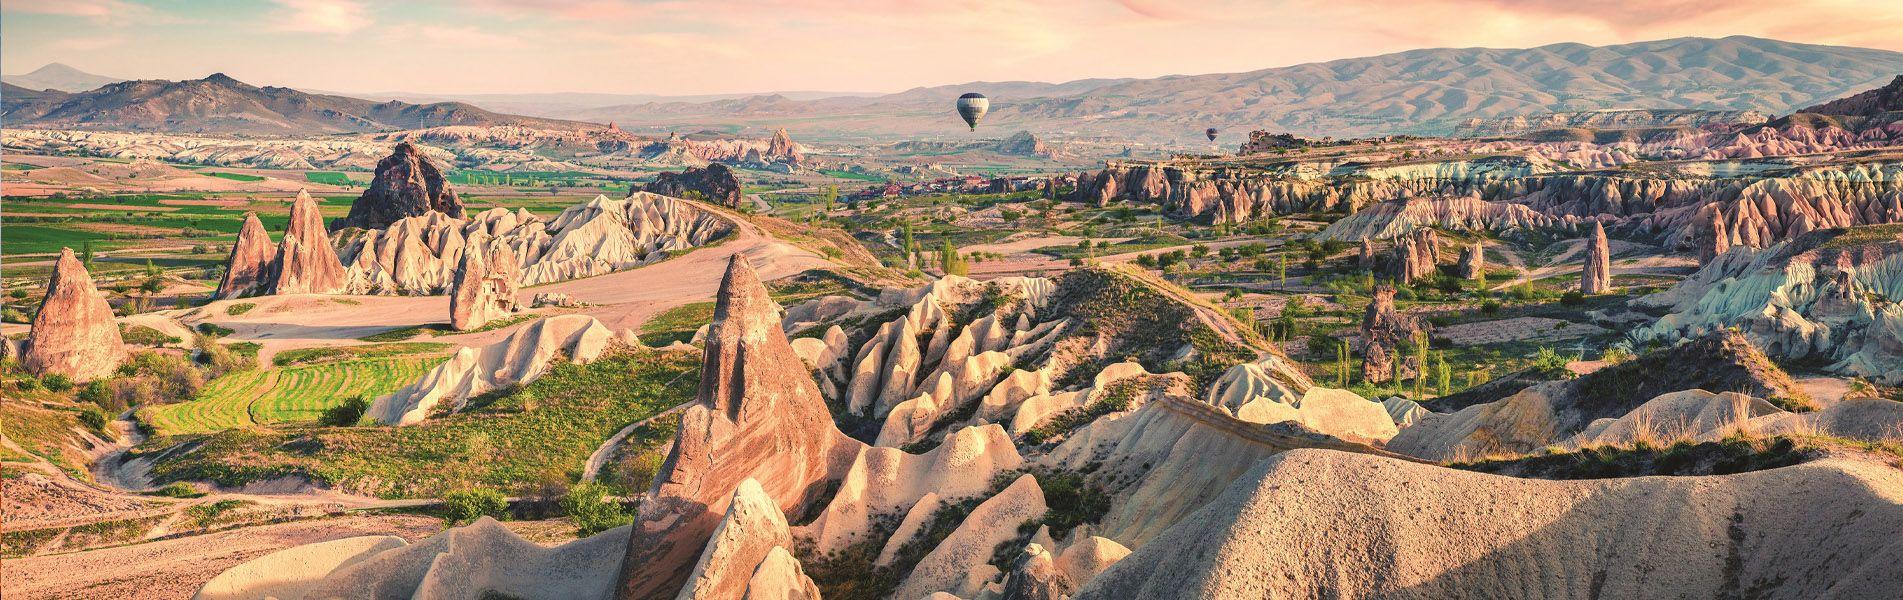 Visitar Turquía en 7 días